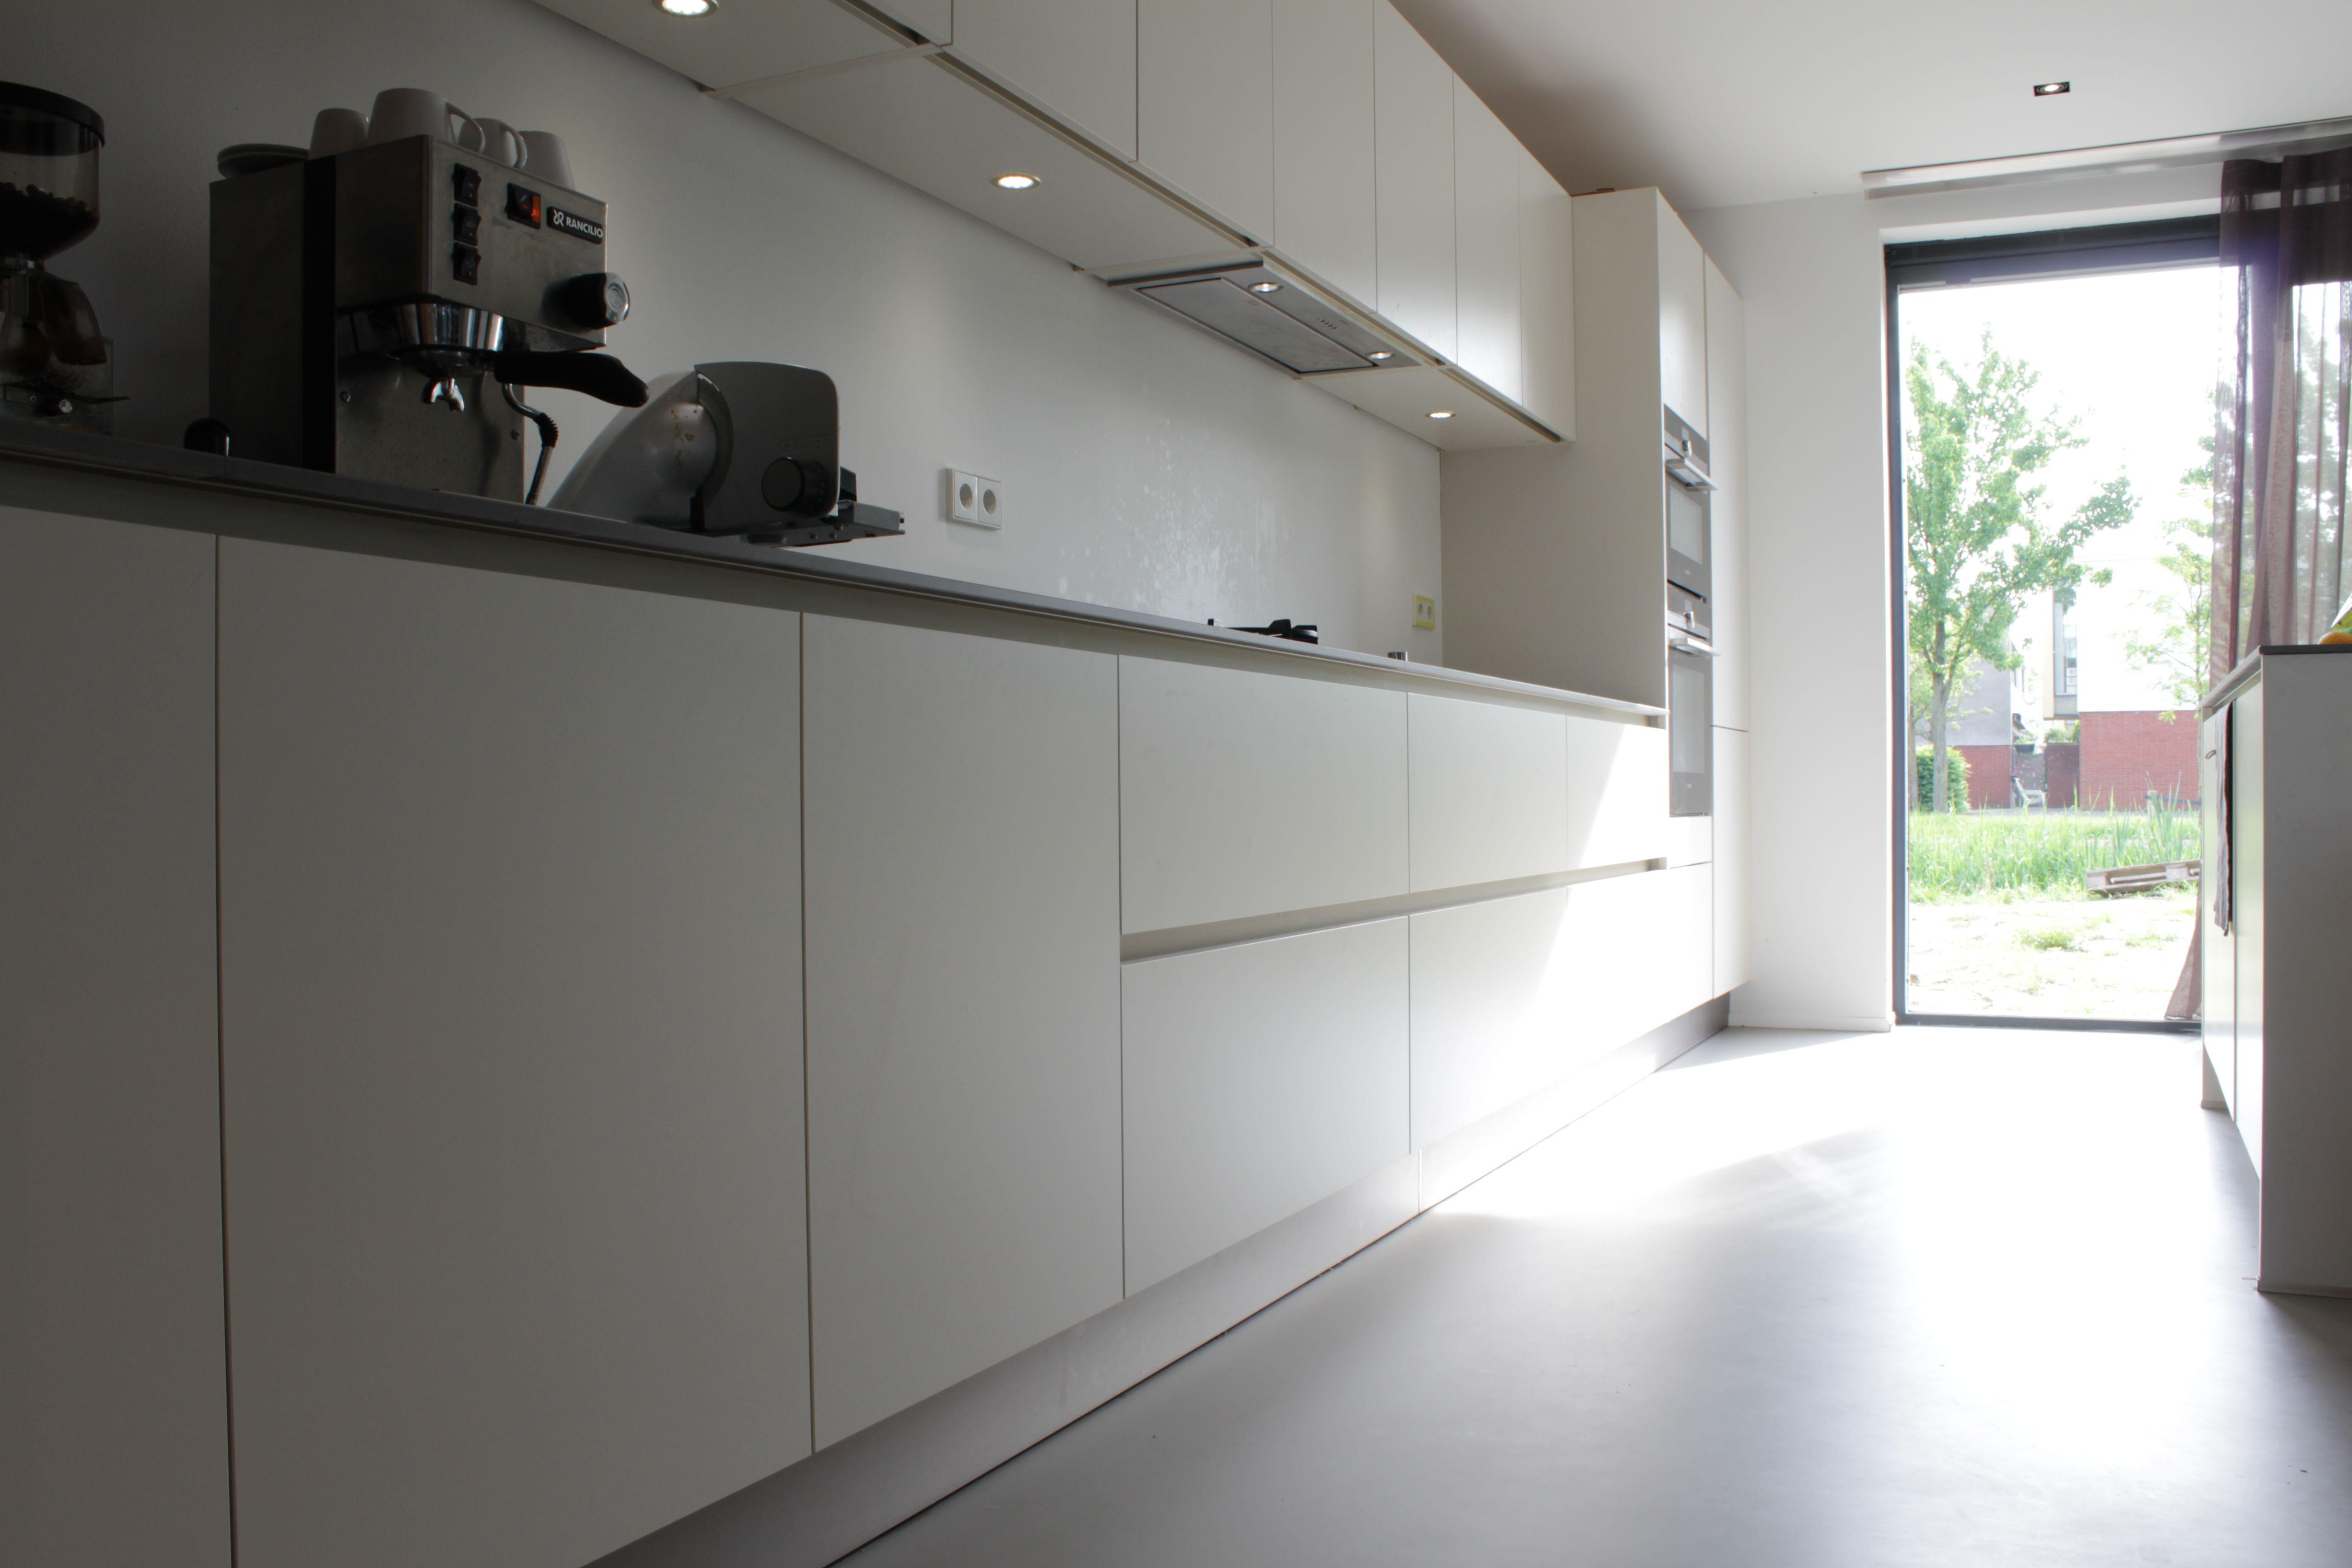 Keuken Gietvloer Witte : Gietvloeren voor woningen en bedrijven martijn de wit